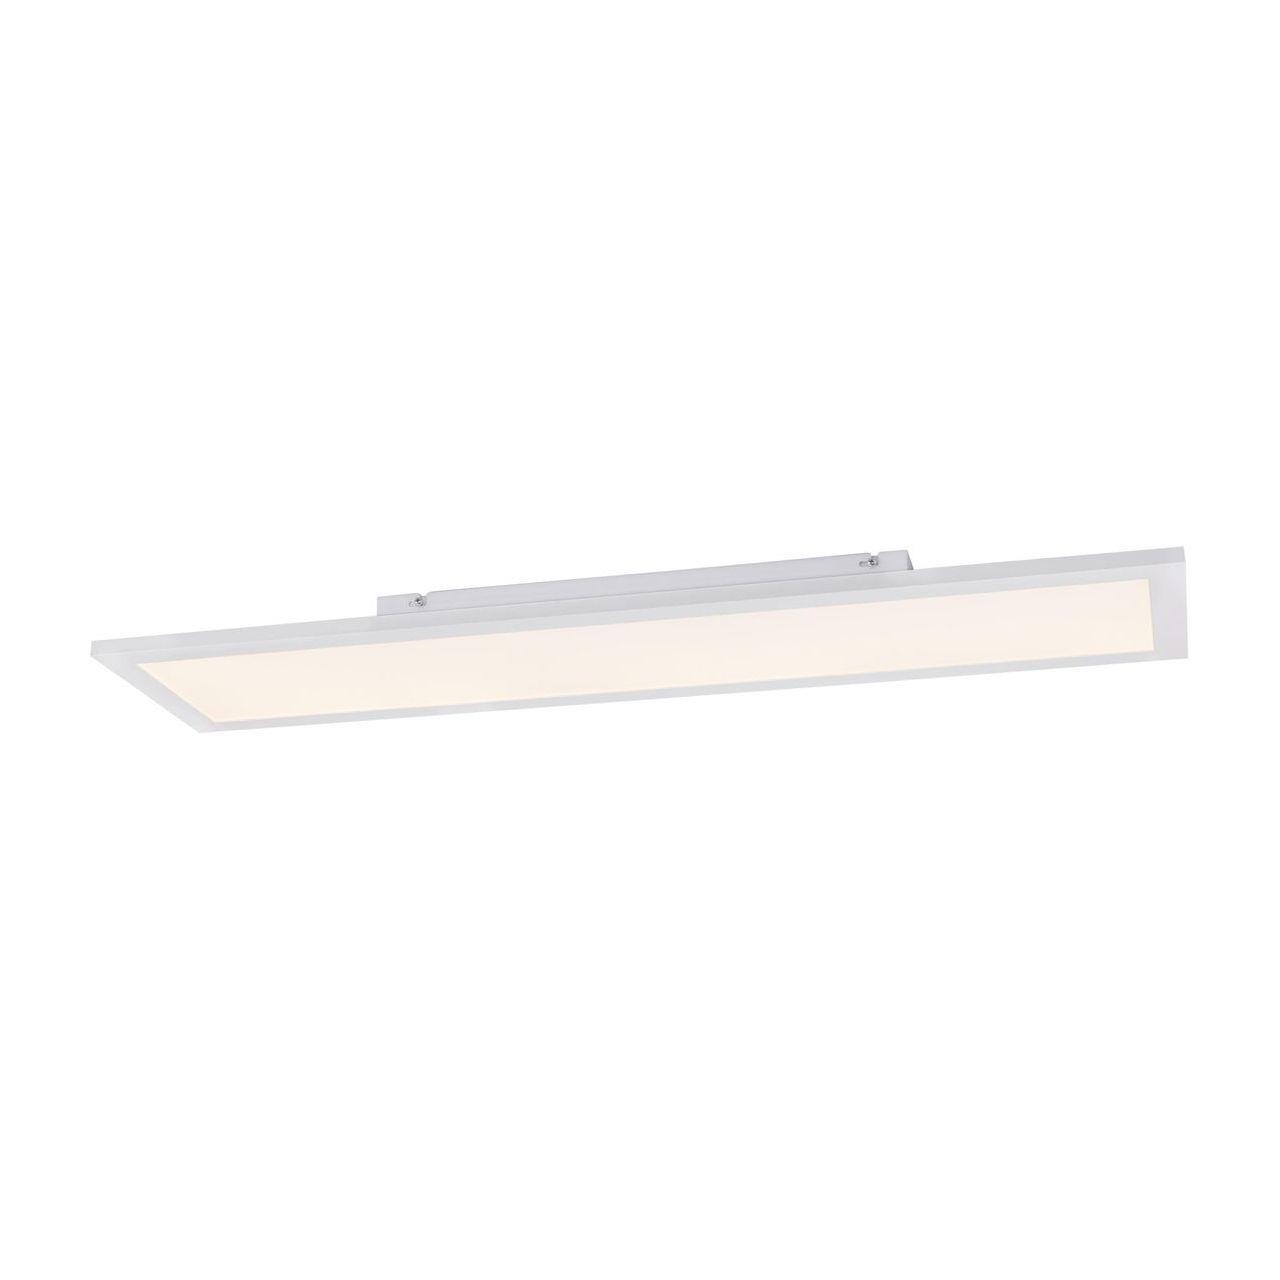 Потолочный светодиодный светильник Globo Rosi 41604D4 цены онлайн